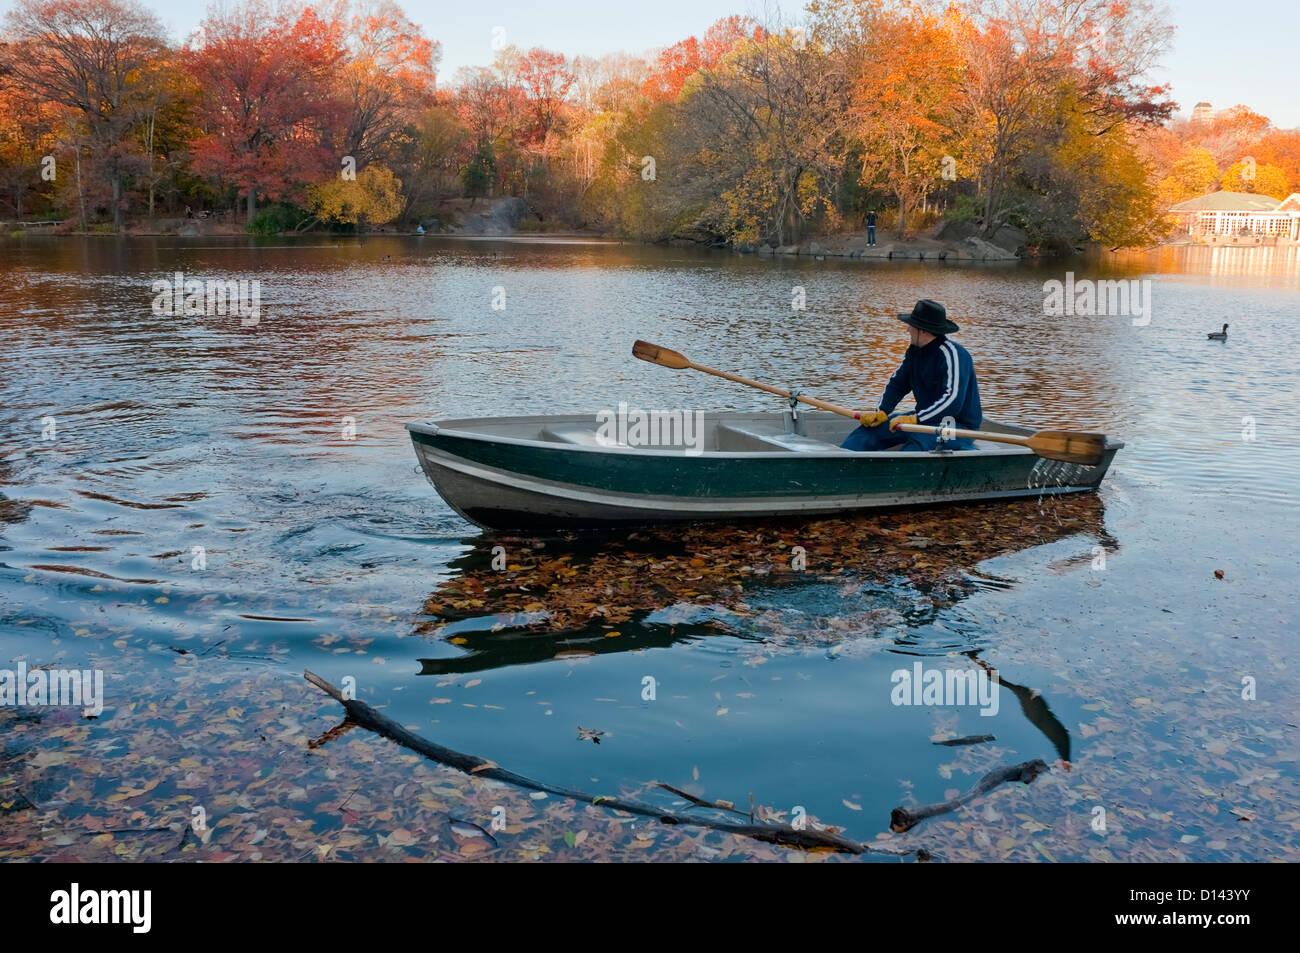 New York, NY - 19 novembre 2010 un bateau d'aviron de l'homme dans le lac dans Central Park Photo Stock